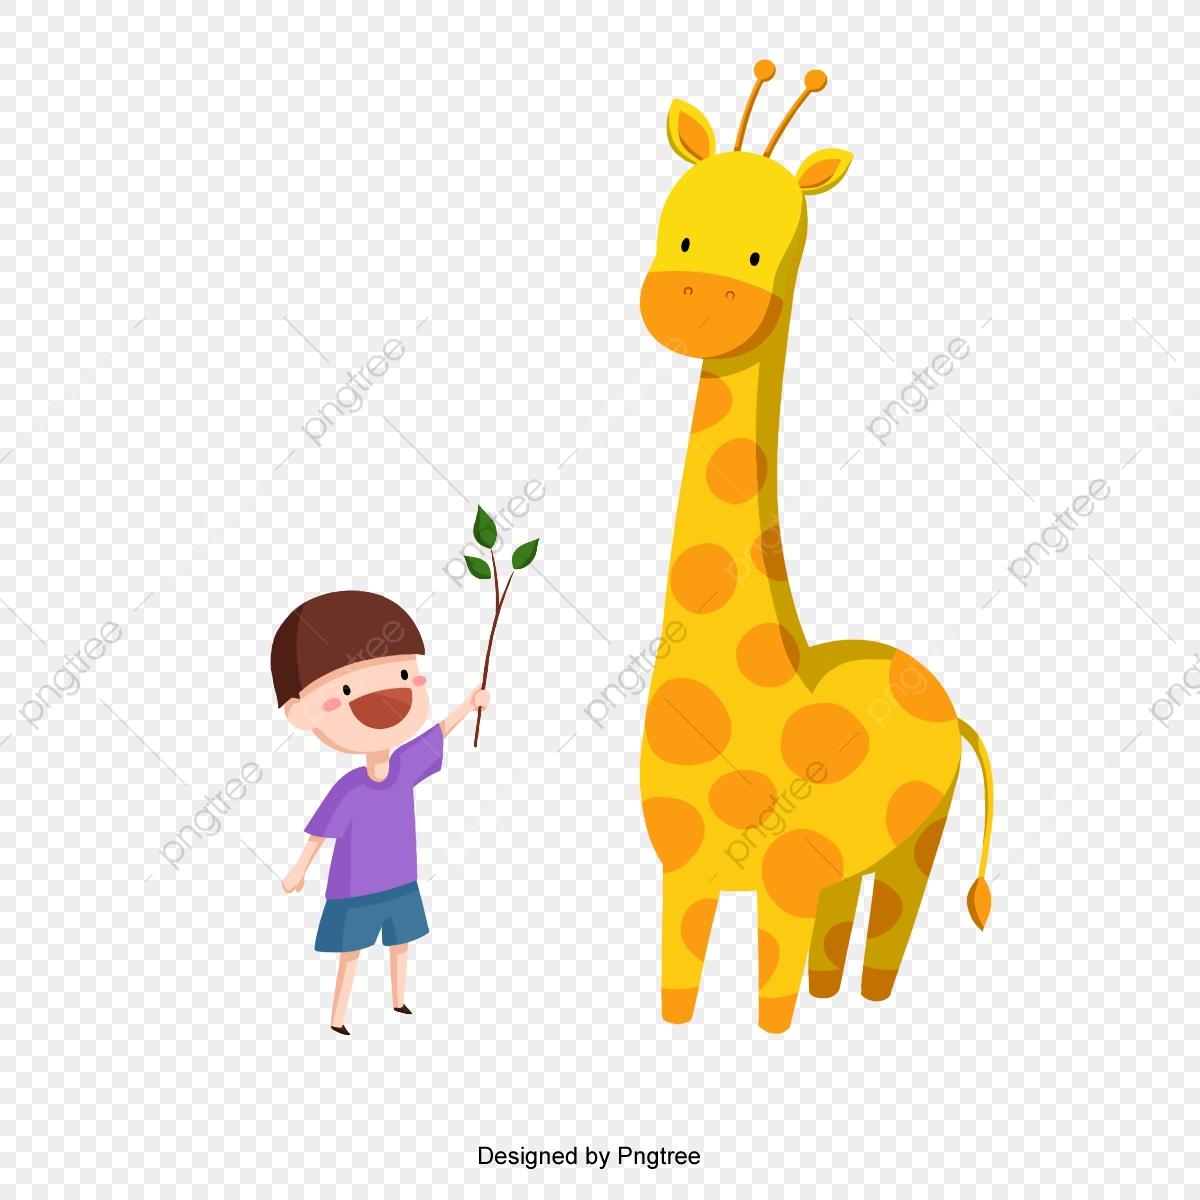 Kid Et La Girafe Vecteur, La Division Du Secteur Privé avec Jeux De Girafe Gratuit